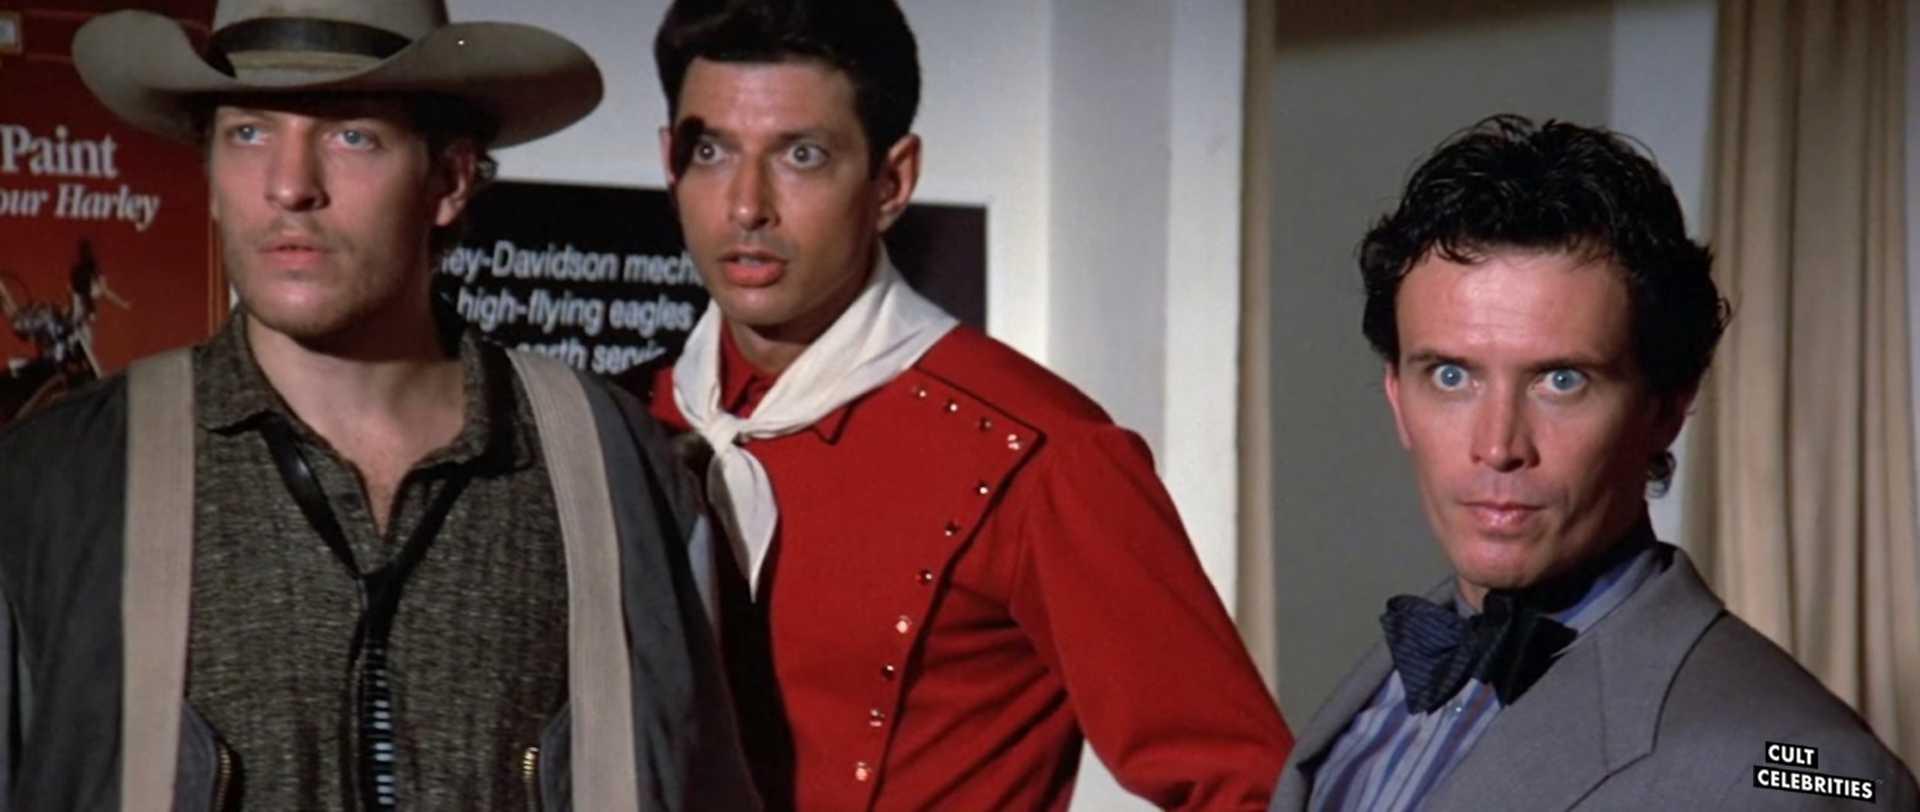 Jeff Goldblum in The Adventures of Buckaroo Banzai Across the 8th Dimension (1984)